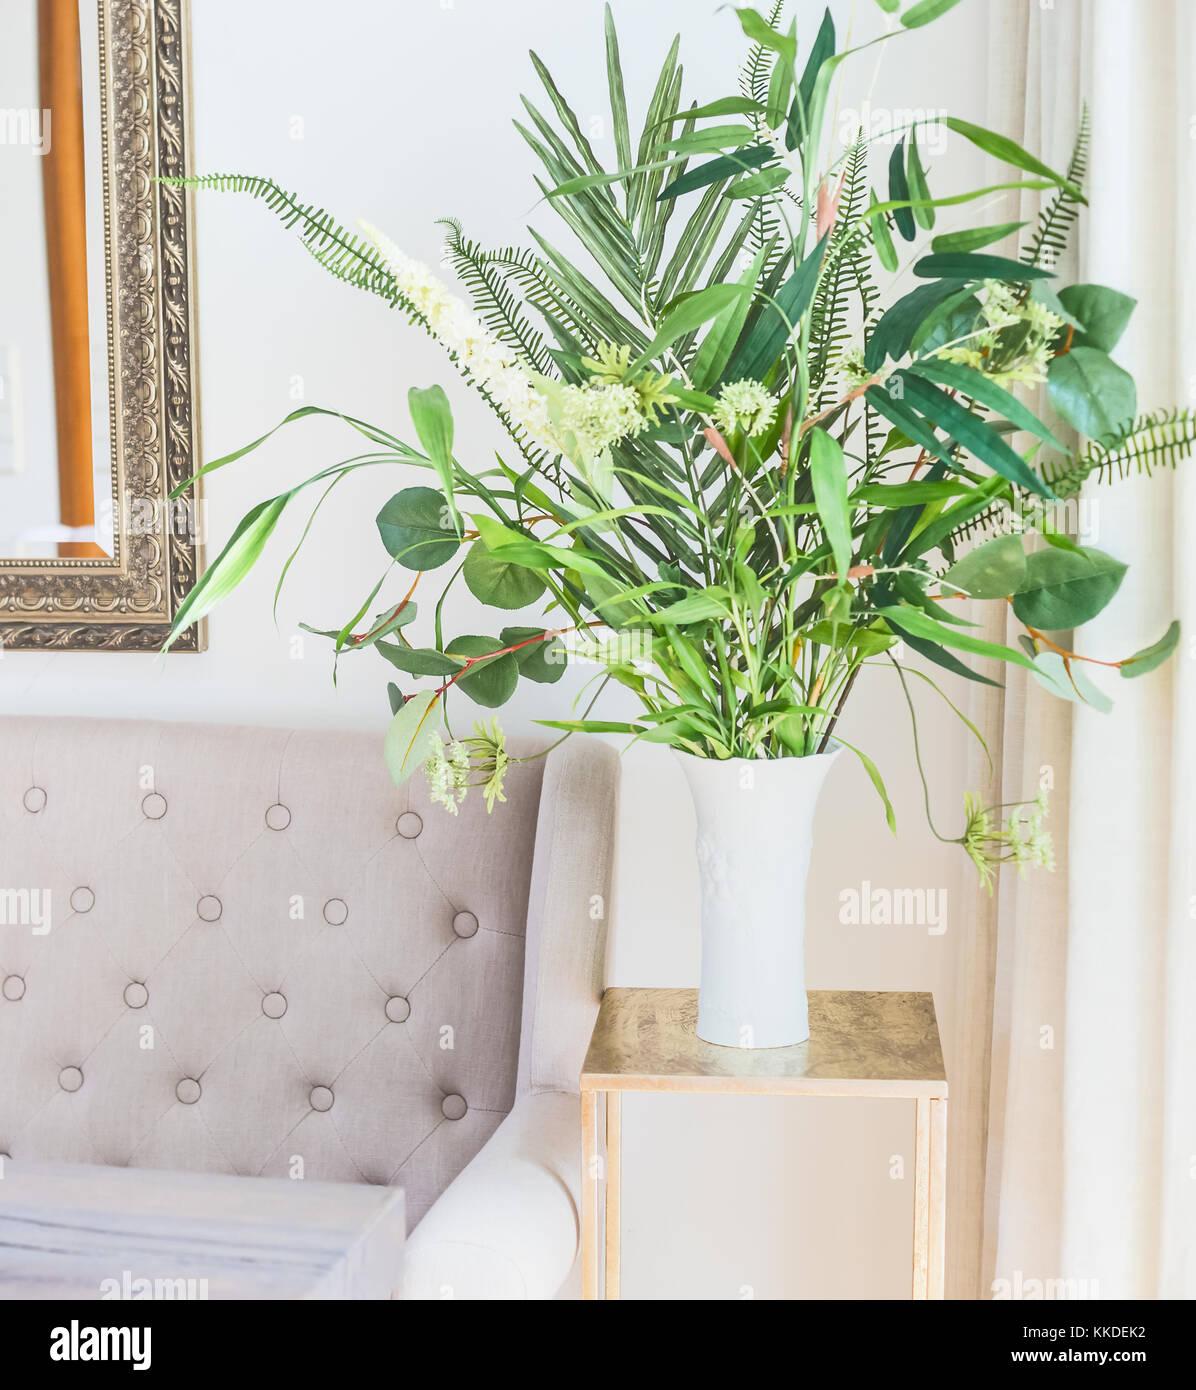 Grüne tropische Zimmerpflanzen Strauß in der Vase in der Nähe der ...